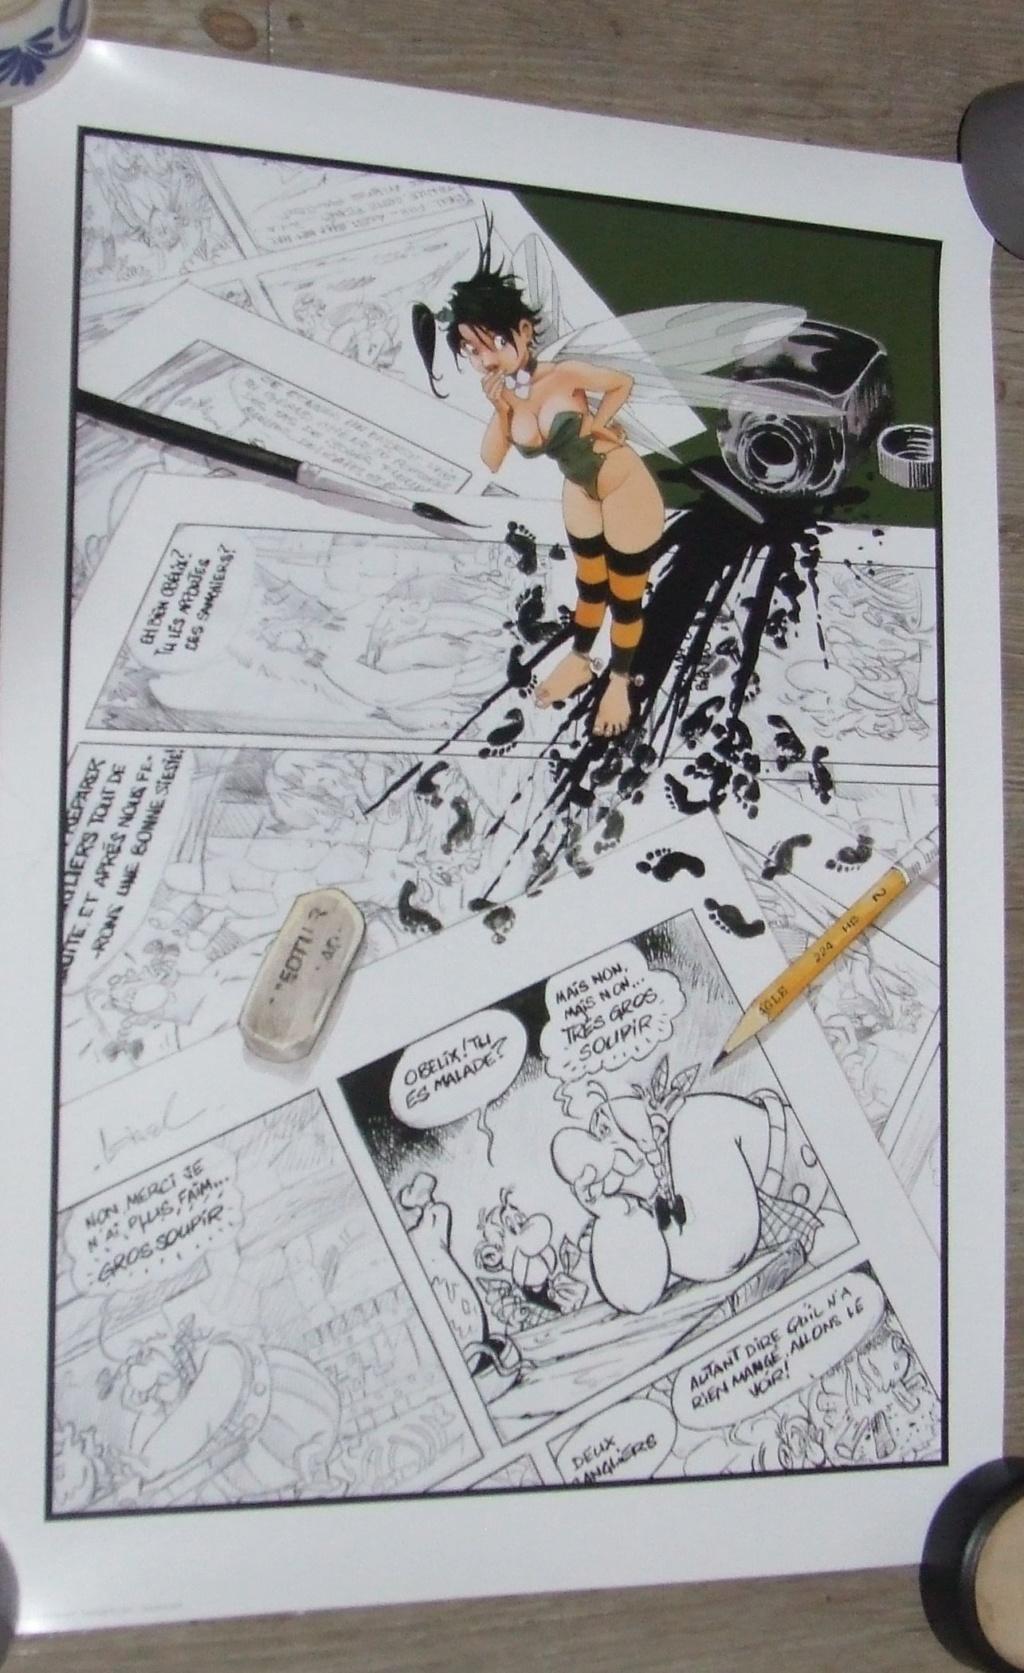 mesraretés ou ce que j'appelle raretés ! - Page 3 2006_h15